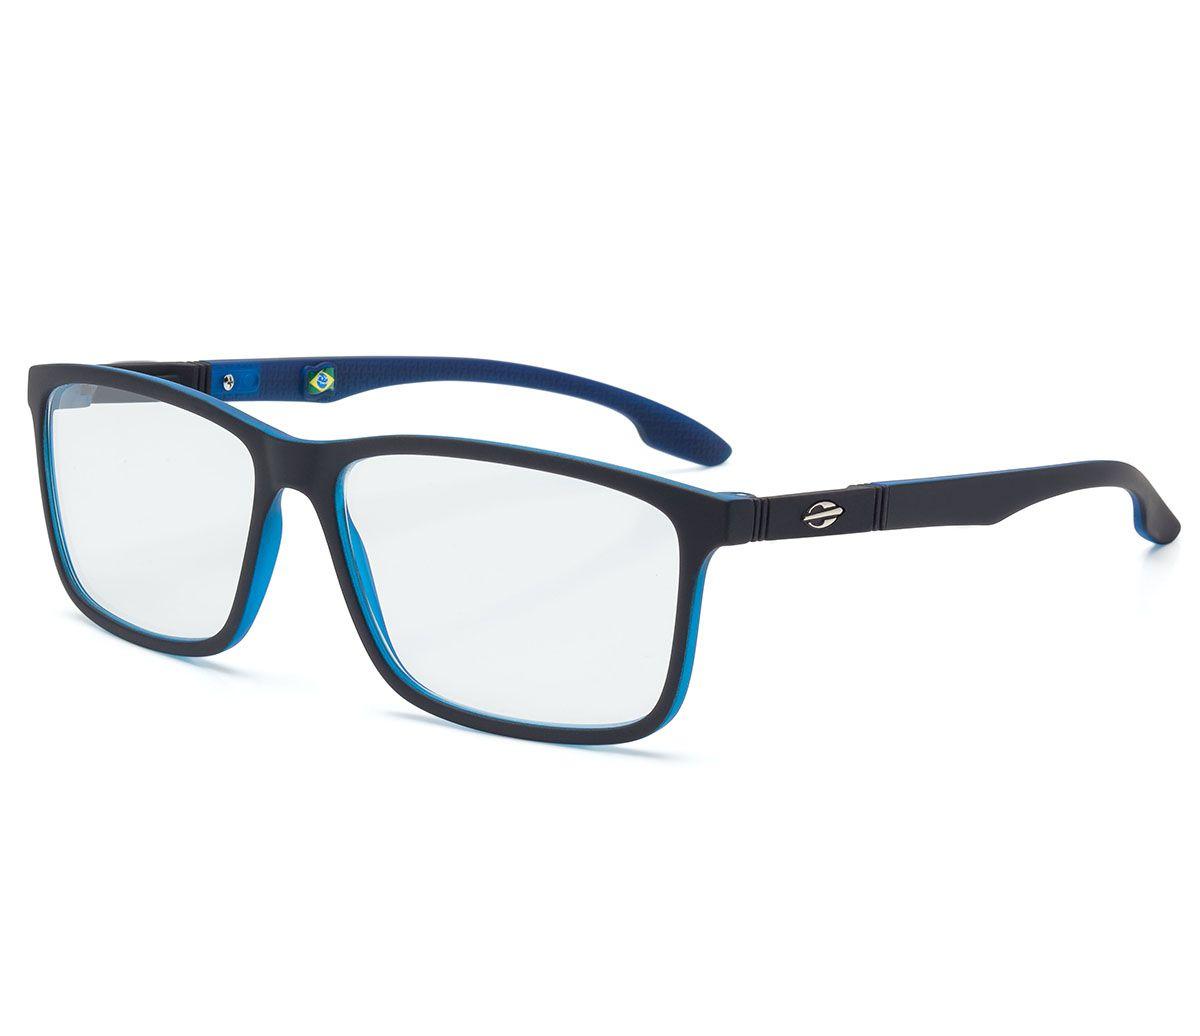 5a10c9e9a95fd Óculos de Grau Masculino Mormaii Prana Preto Azul M6044ABZ55